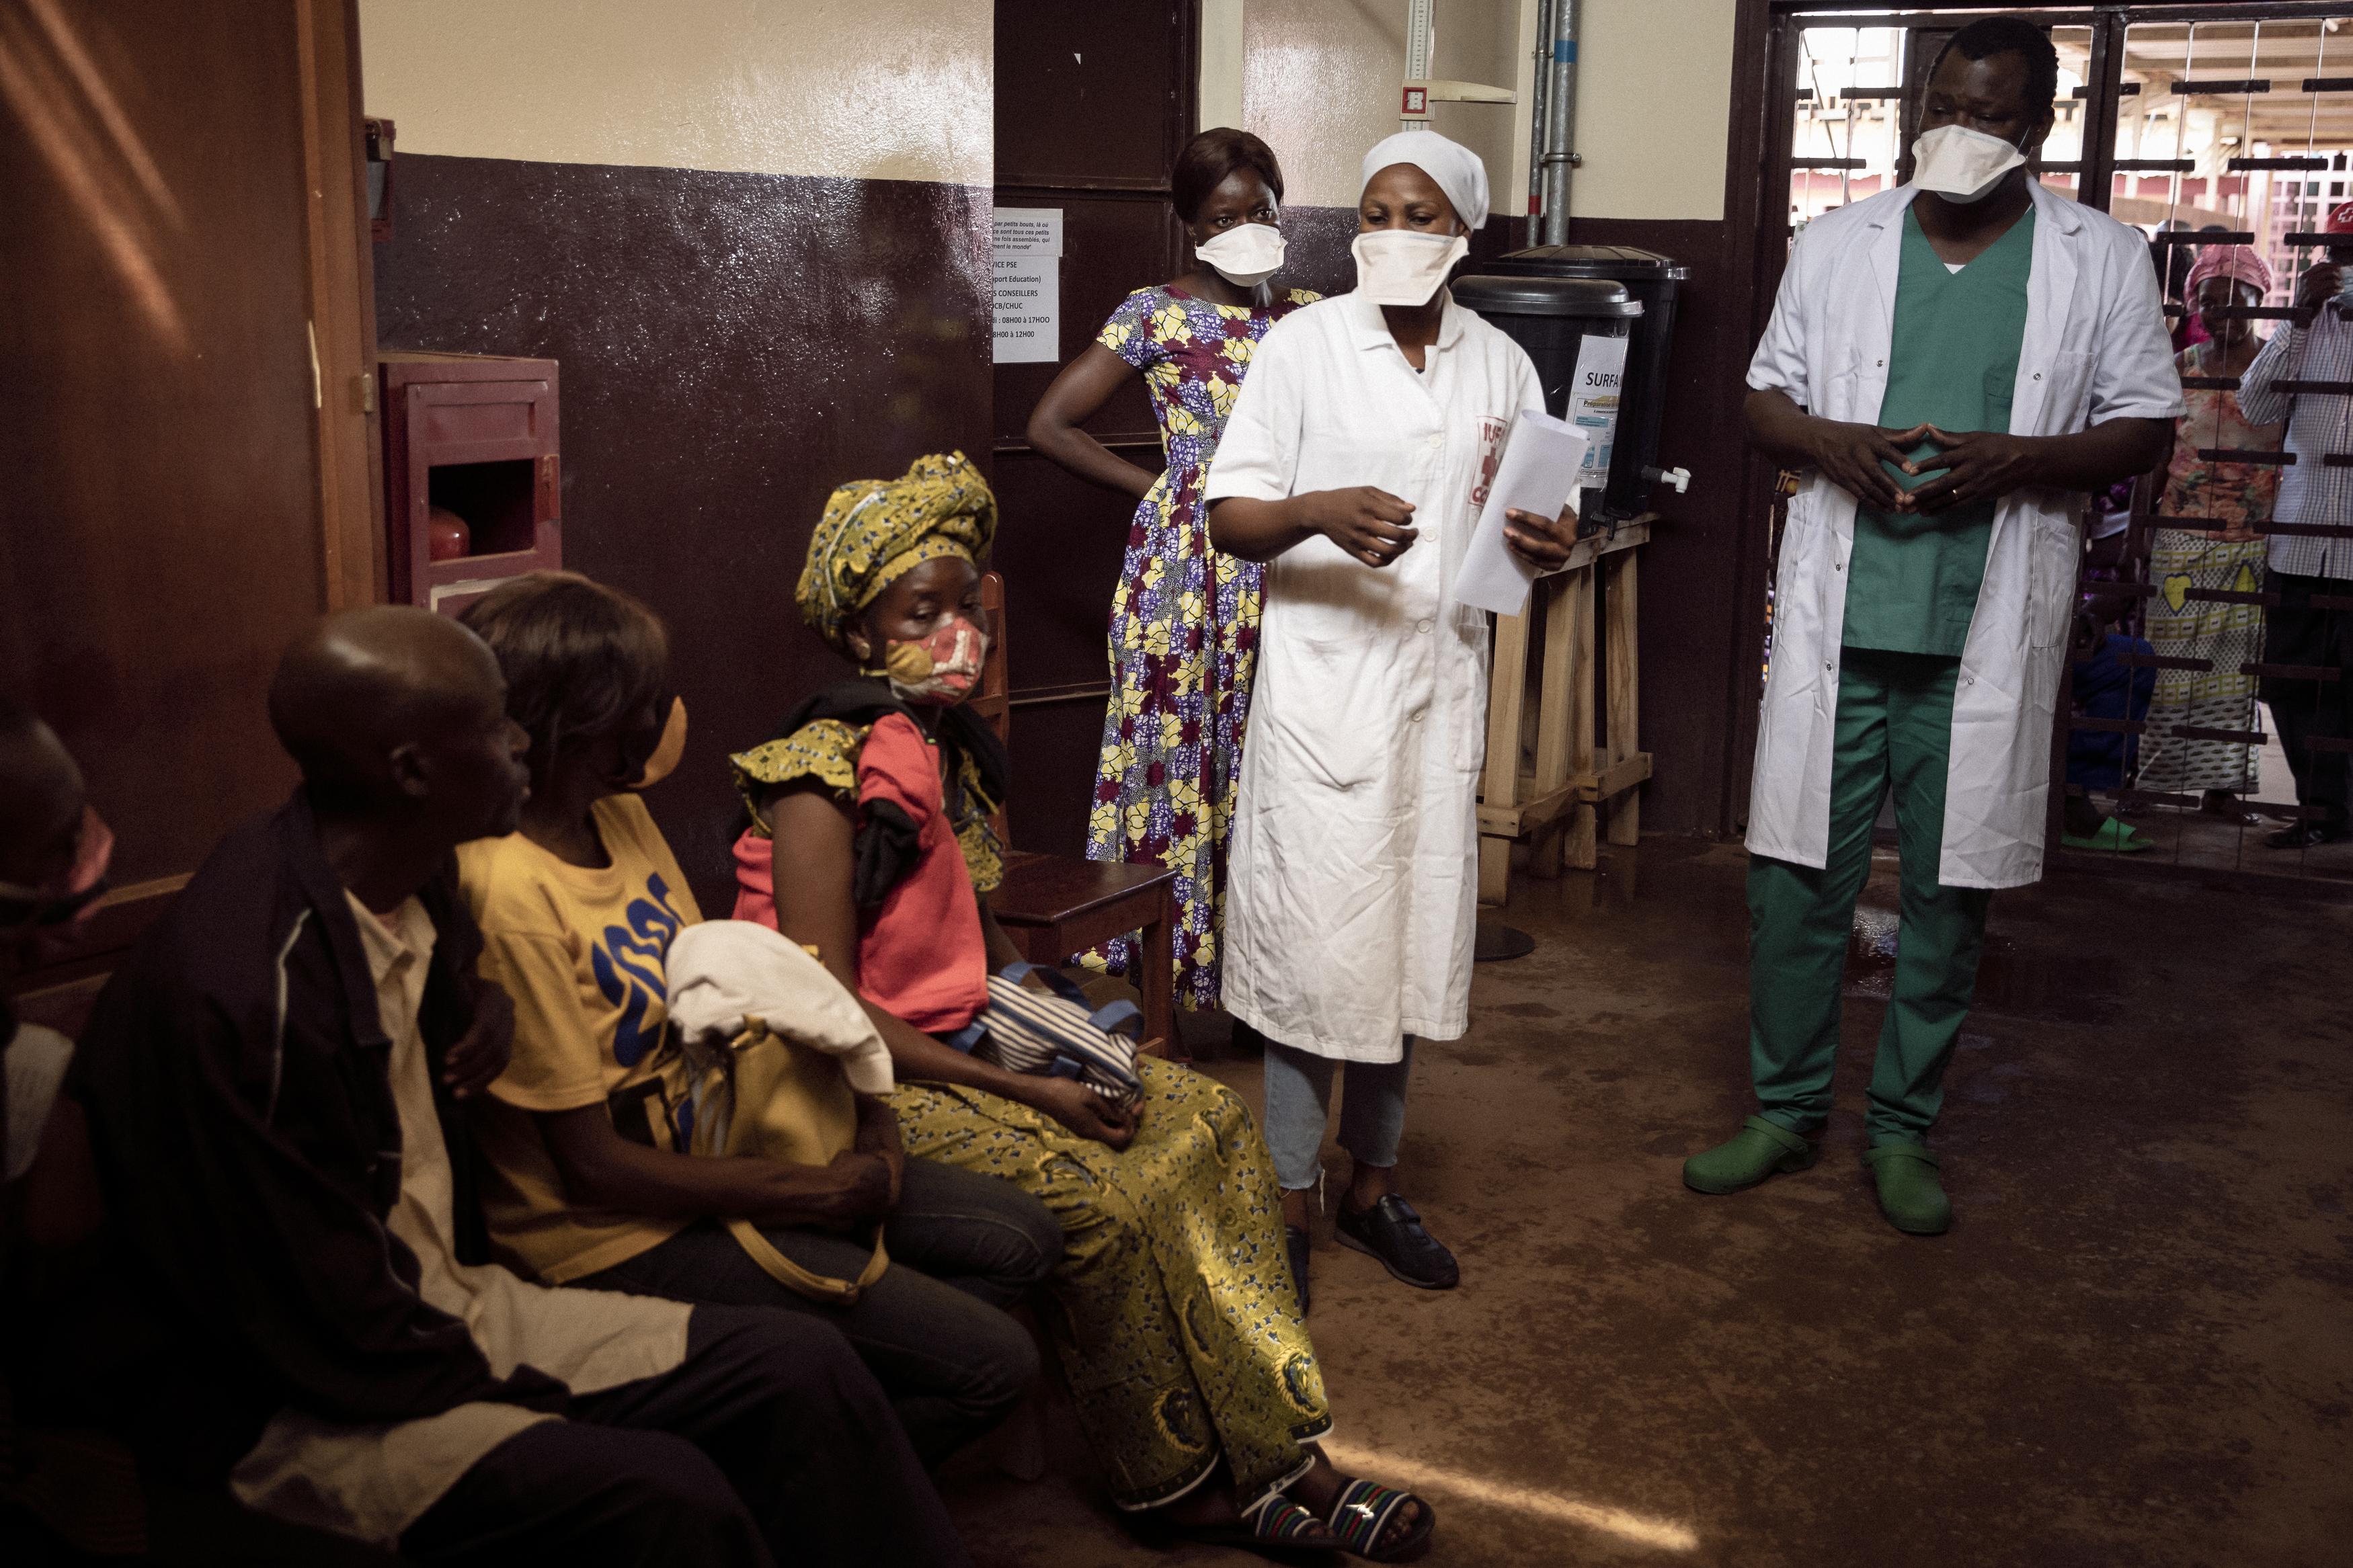 Fidèle Marc travaille à l'hôpital communautaire de Bangui depuis deux mois.  Le 24 novembre 2020, le psychologue participe à  une séance de sensibilisation pour les patients du service de médecine  générale, dont beaucoup sont séropositifs. Crédit : Adrienne Surprenant/Collectif Item